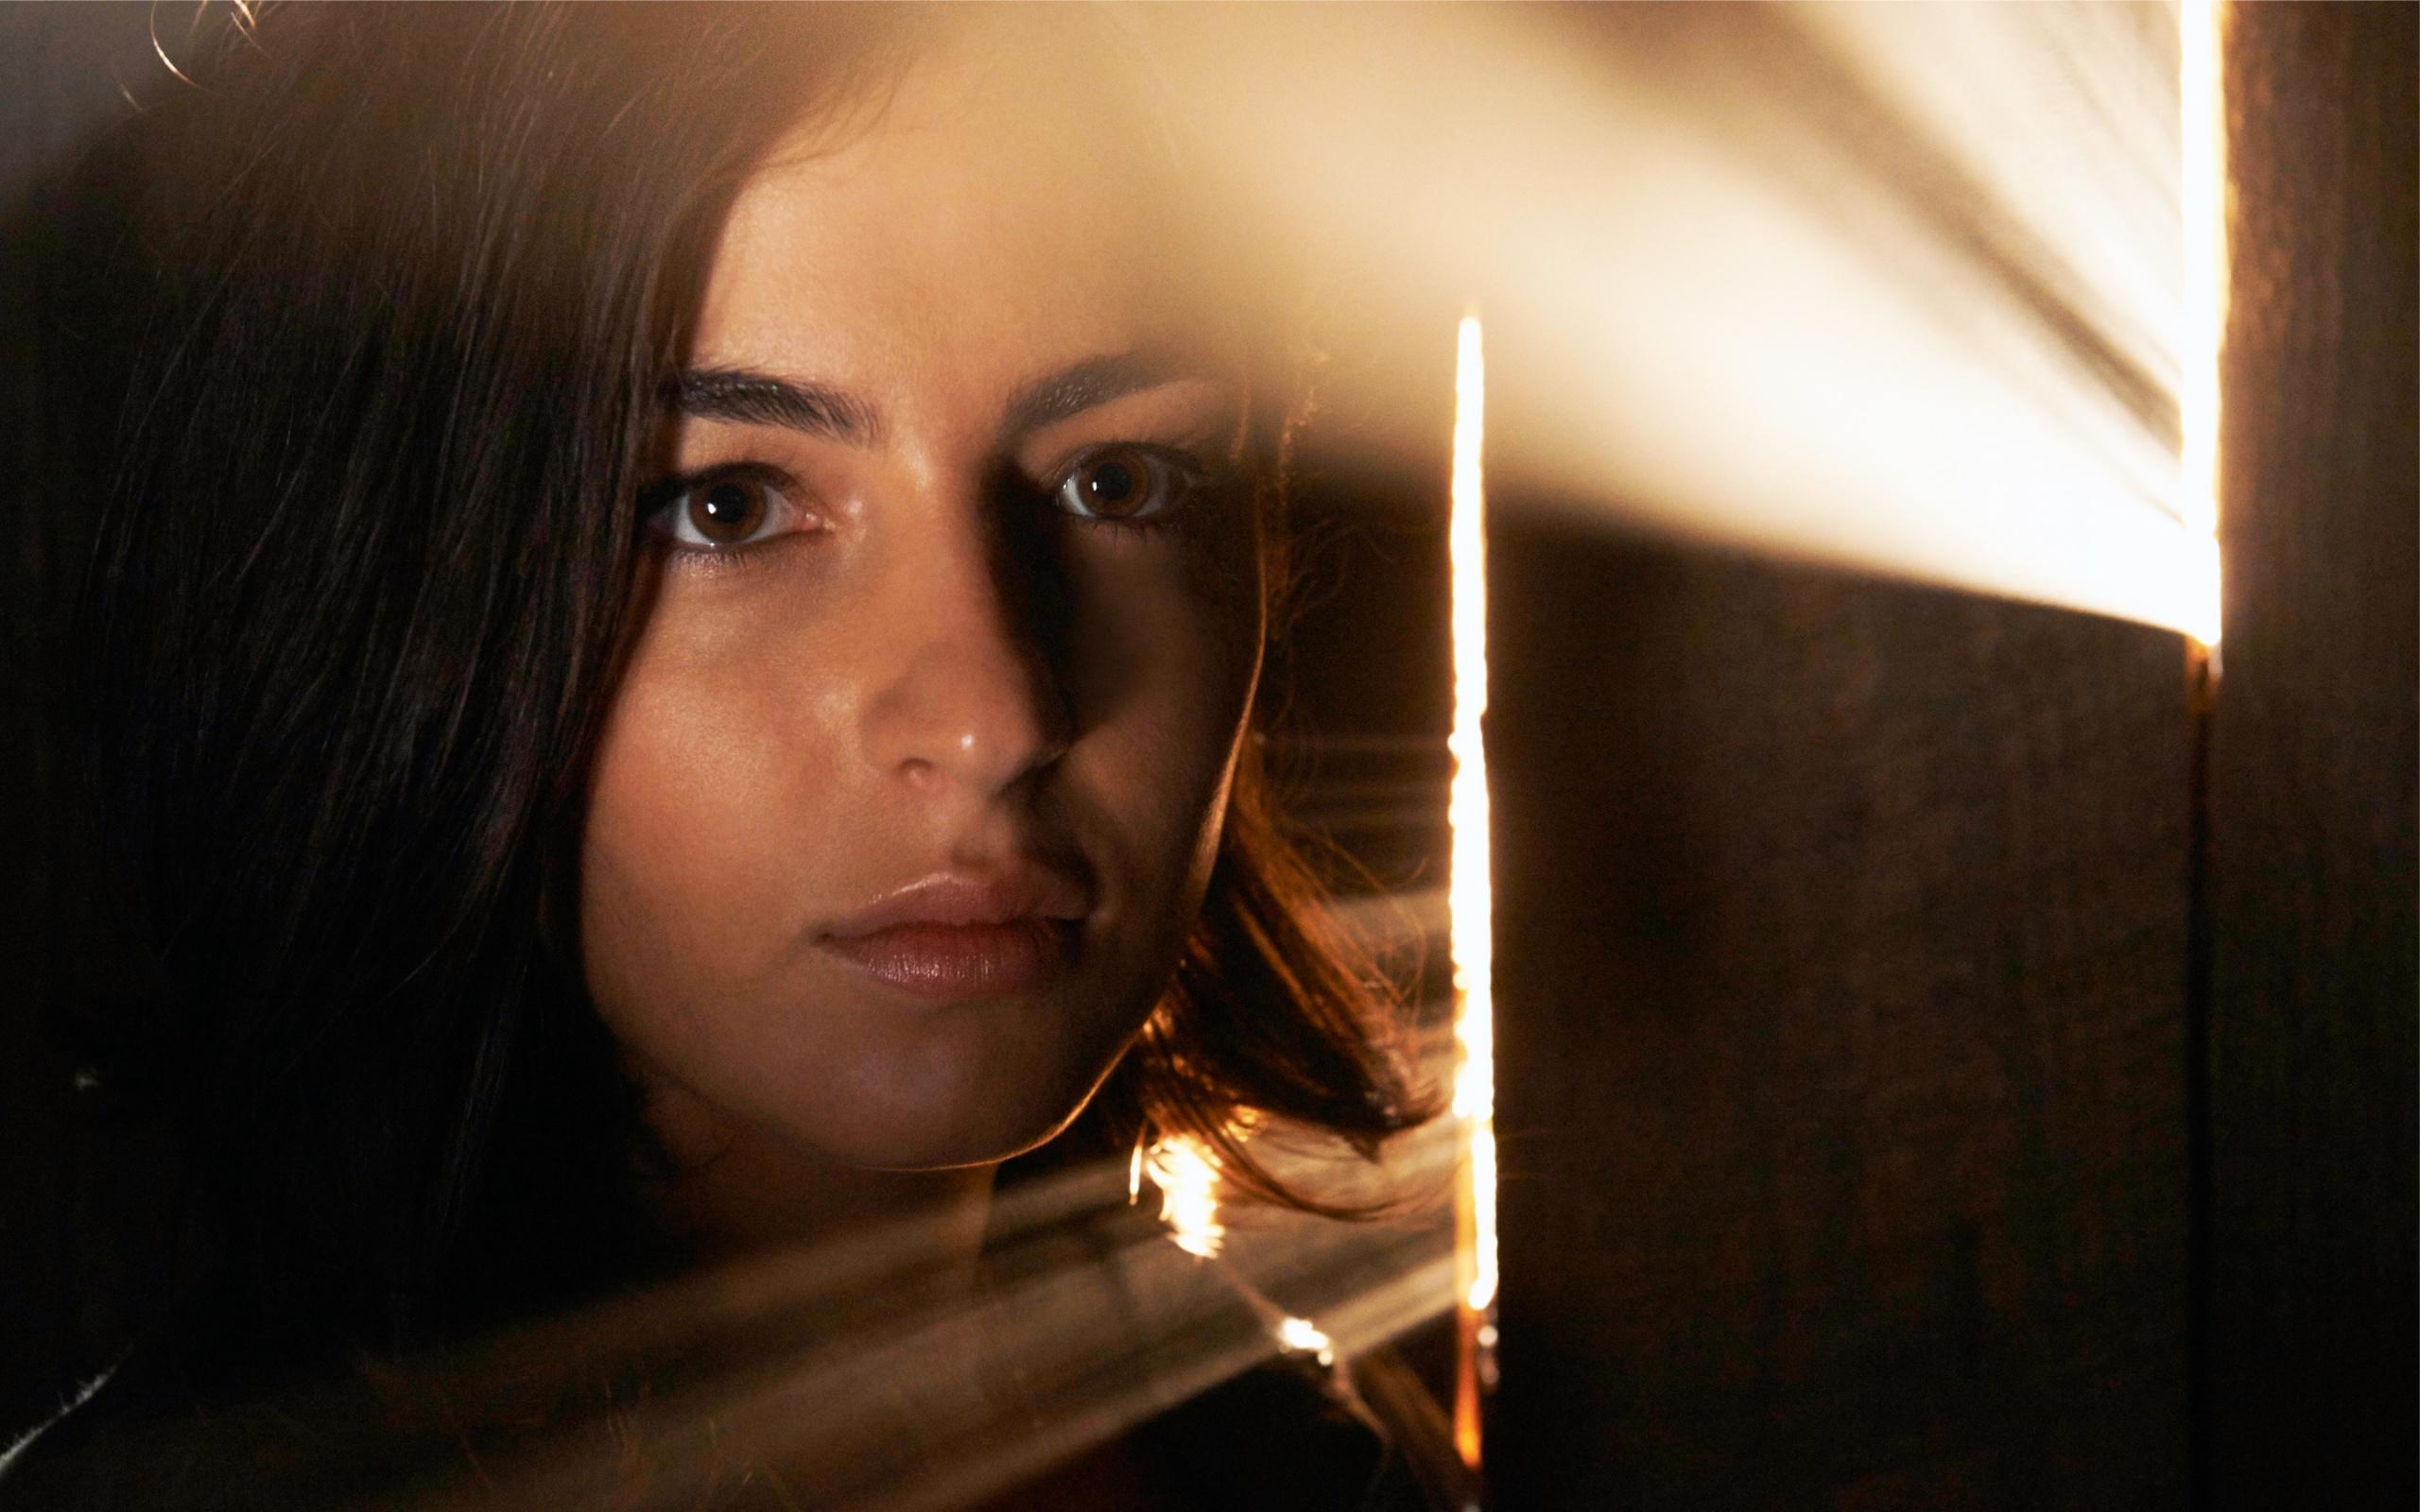 Alanna Masterson In Walking Dead Season 5 Wallpapers In Jpg Format